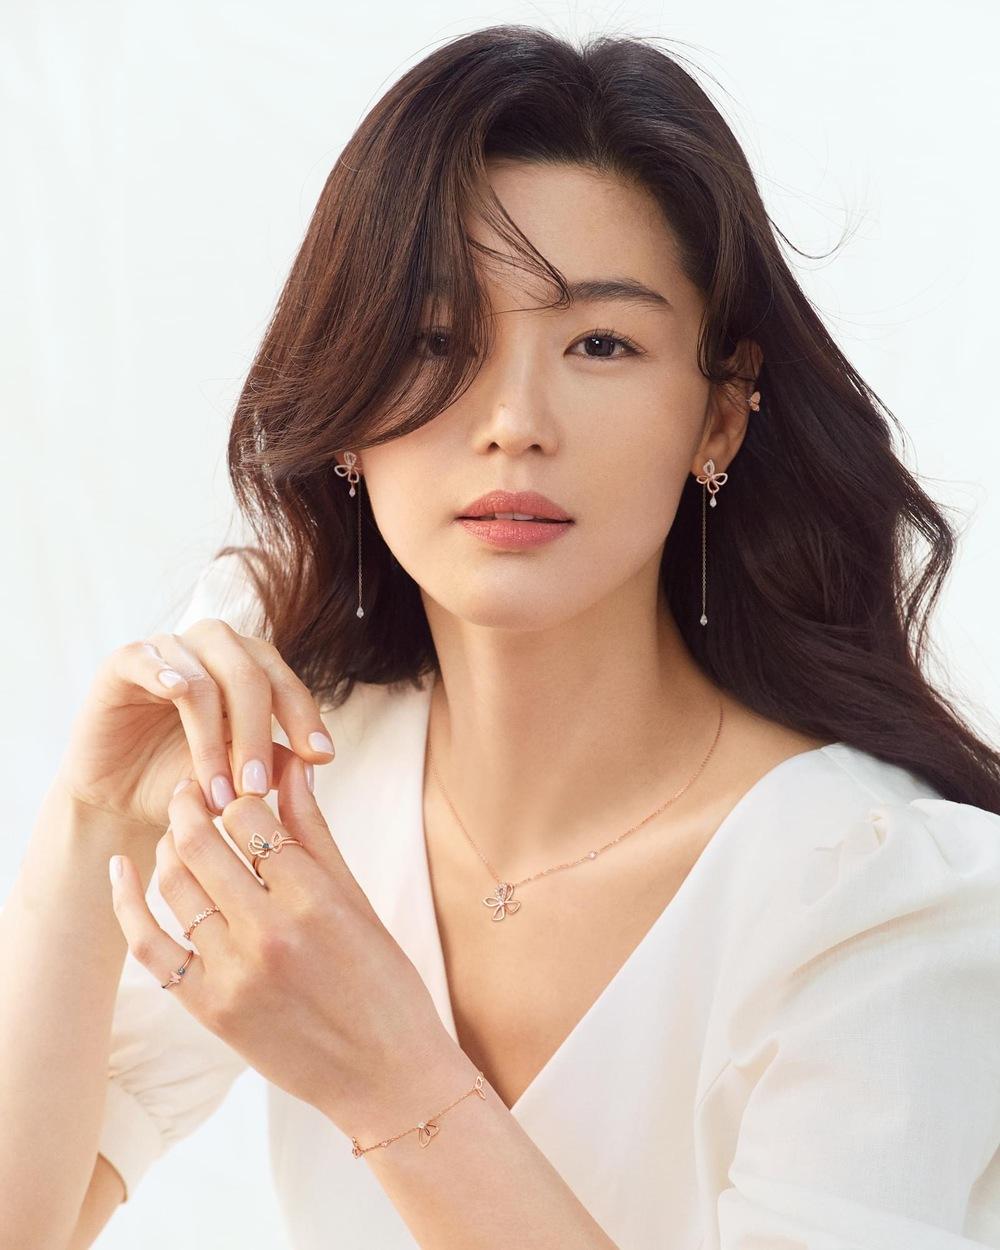 """7 nguyên tắc làm đẹp của Jeon Ji Hyun: U40 mà trẻ như 20, vóc dáng thon gọn chuẩn """"mợ Chảnh"""" - Ảnh 2."""